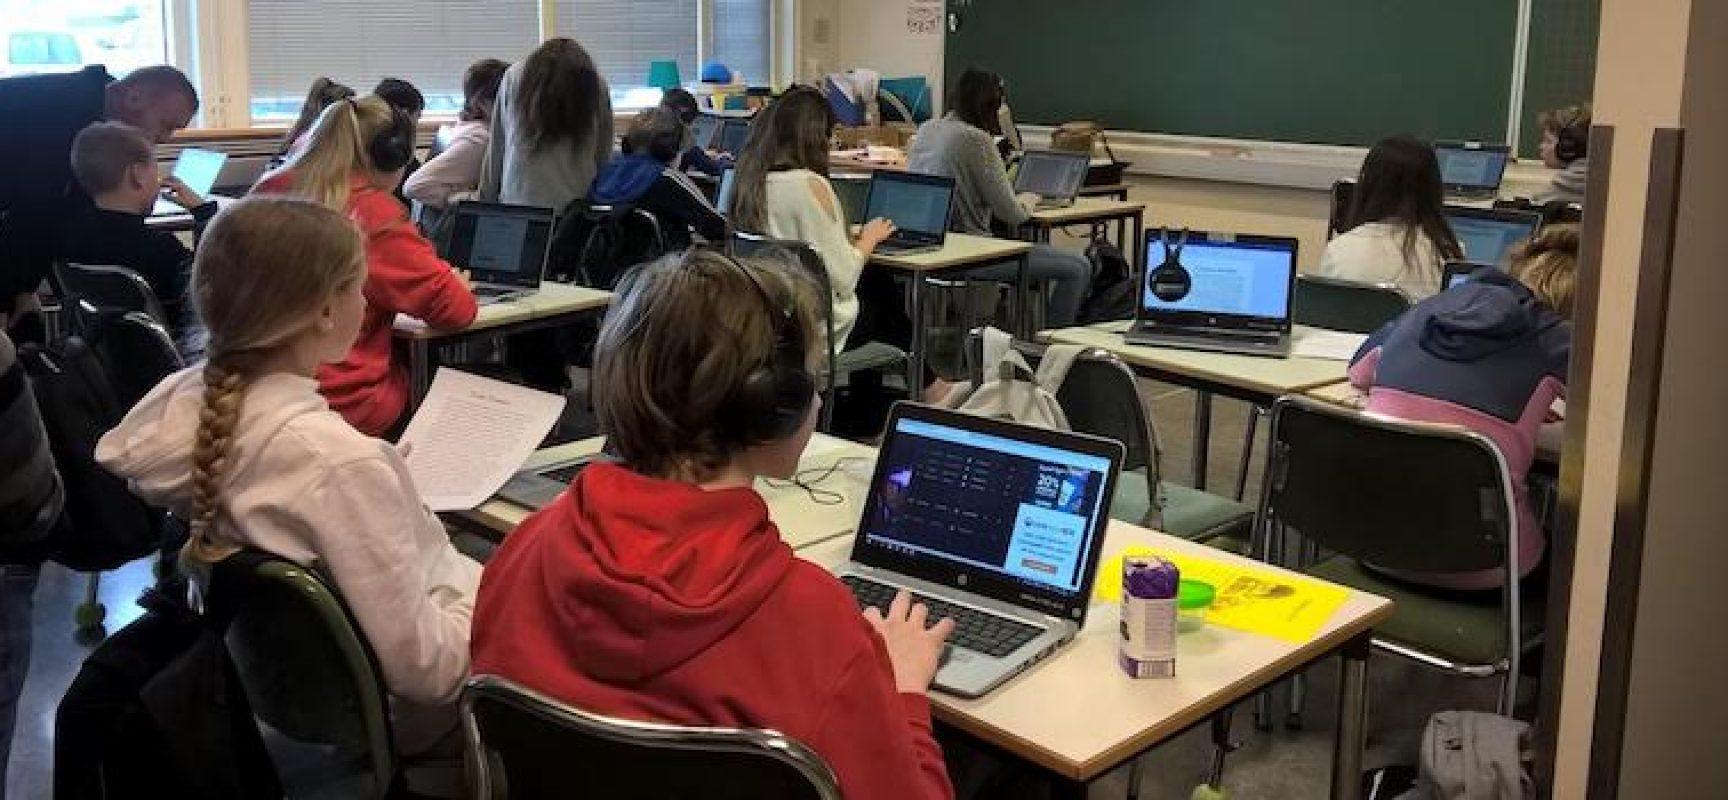 La Monterisi in Islanda per studiare da vicino un sistema scolastico all'avanguardia